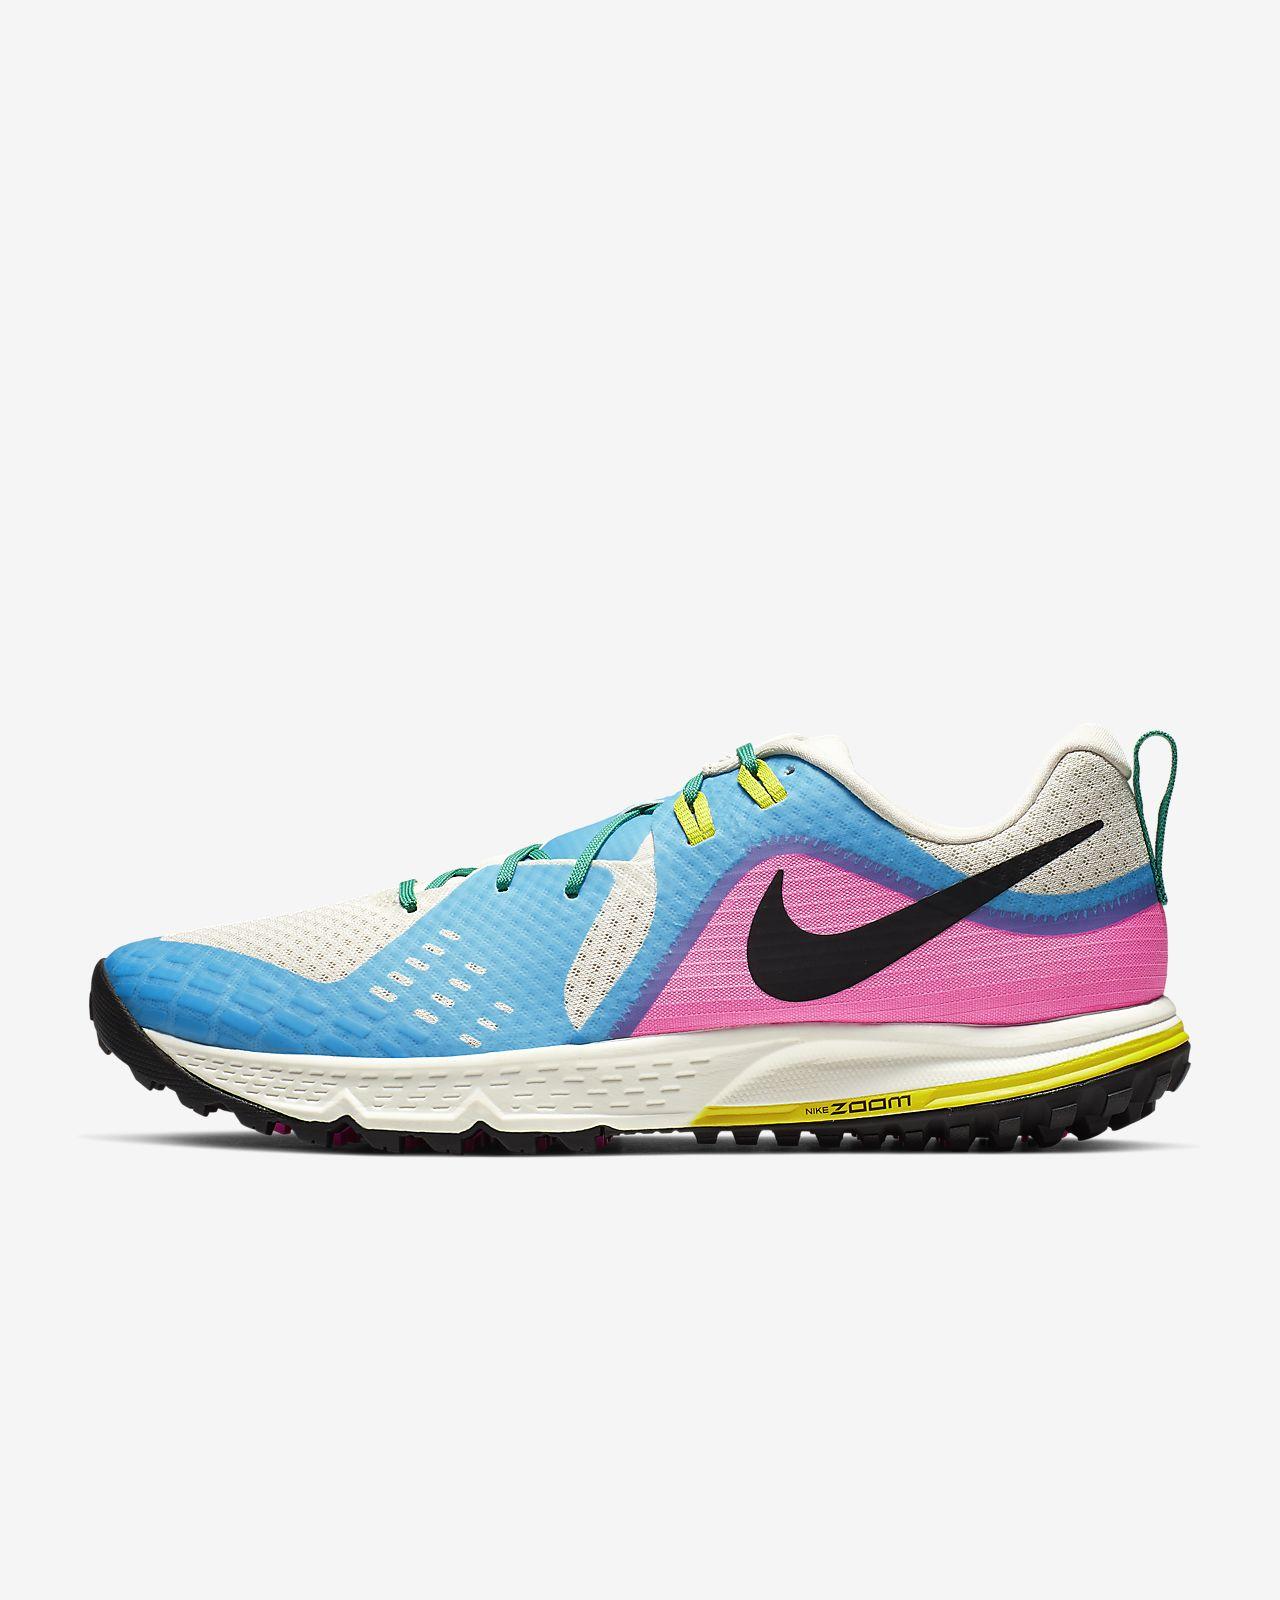 Ανδρικό παπούτσι για τρέξιμο Nike Air Zoom Wildhorse 5